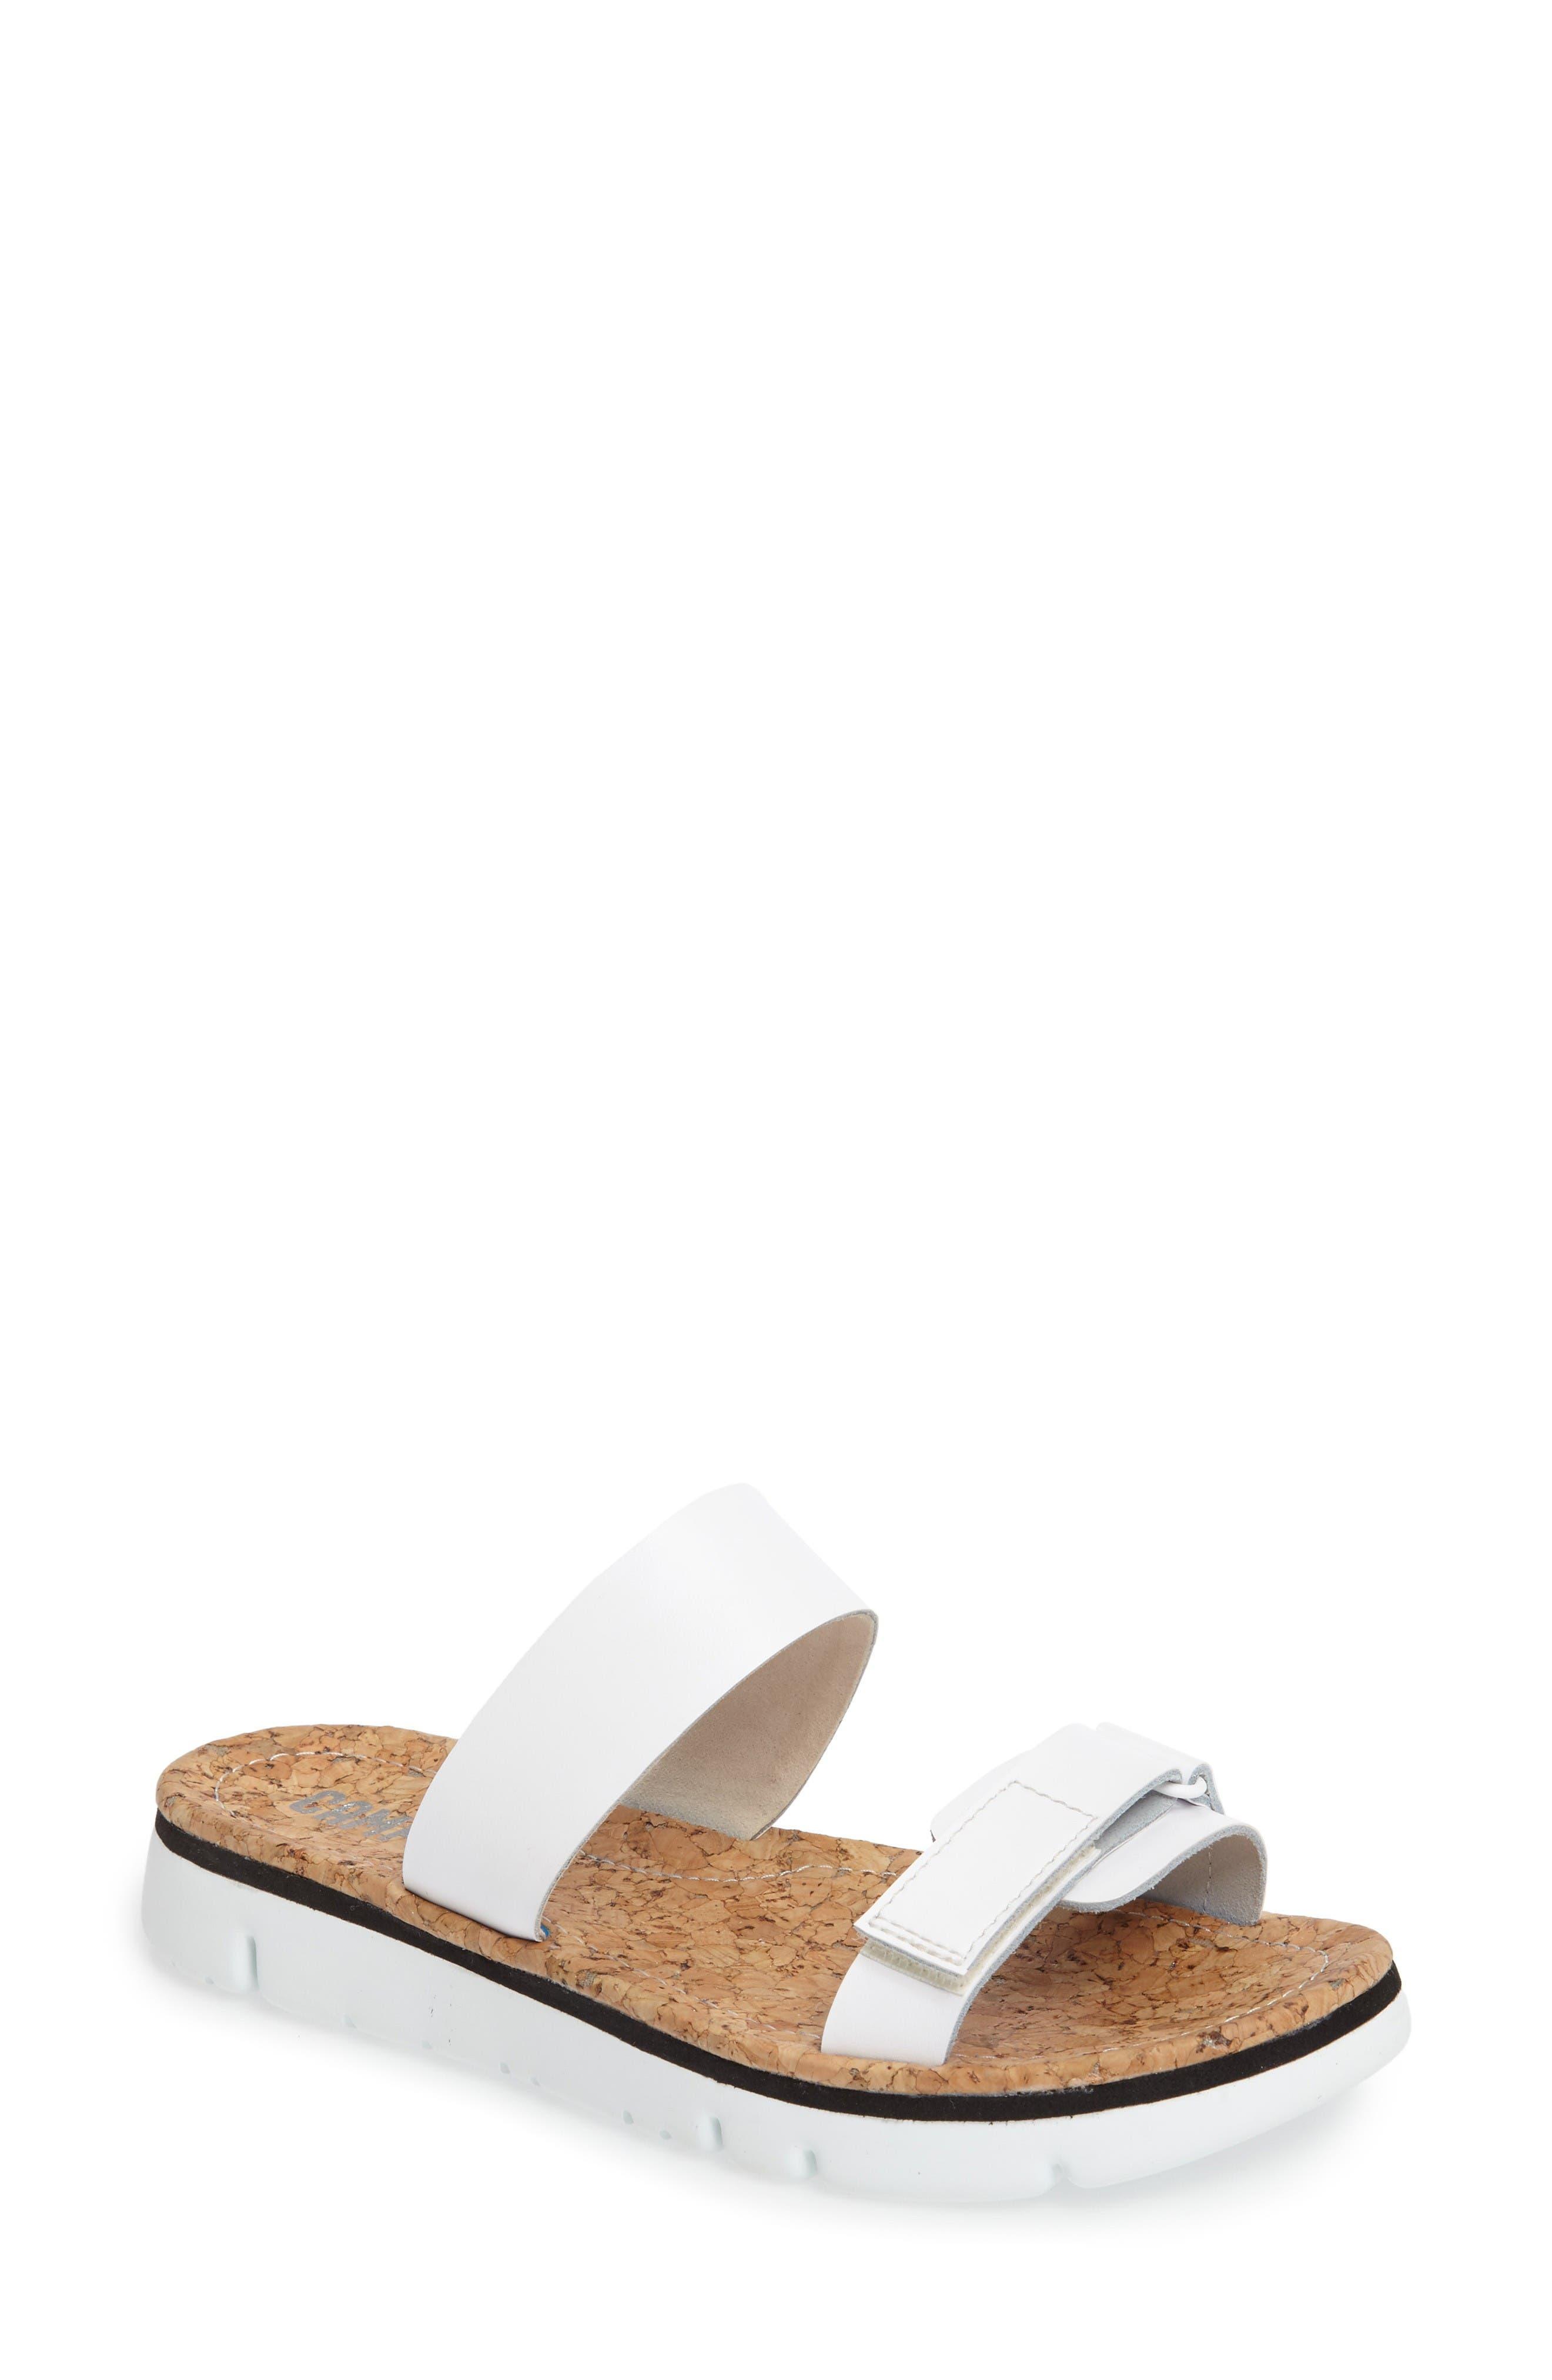 Main Image - Camper 'Oruga' Two Strap Slide Sandal (Women)